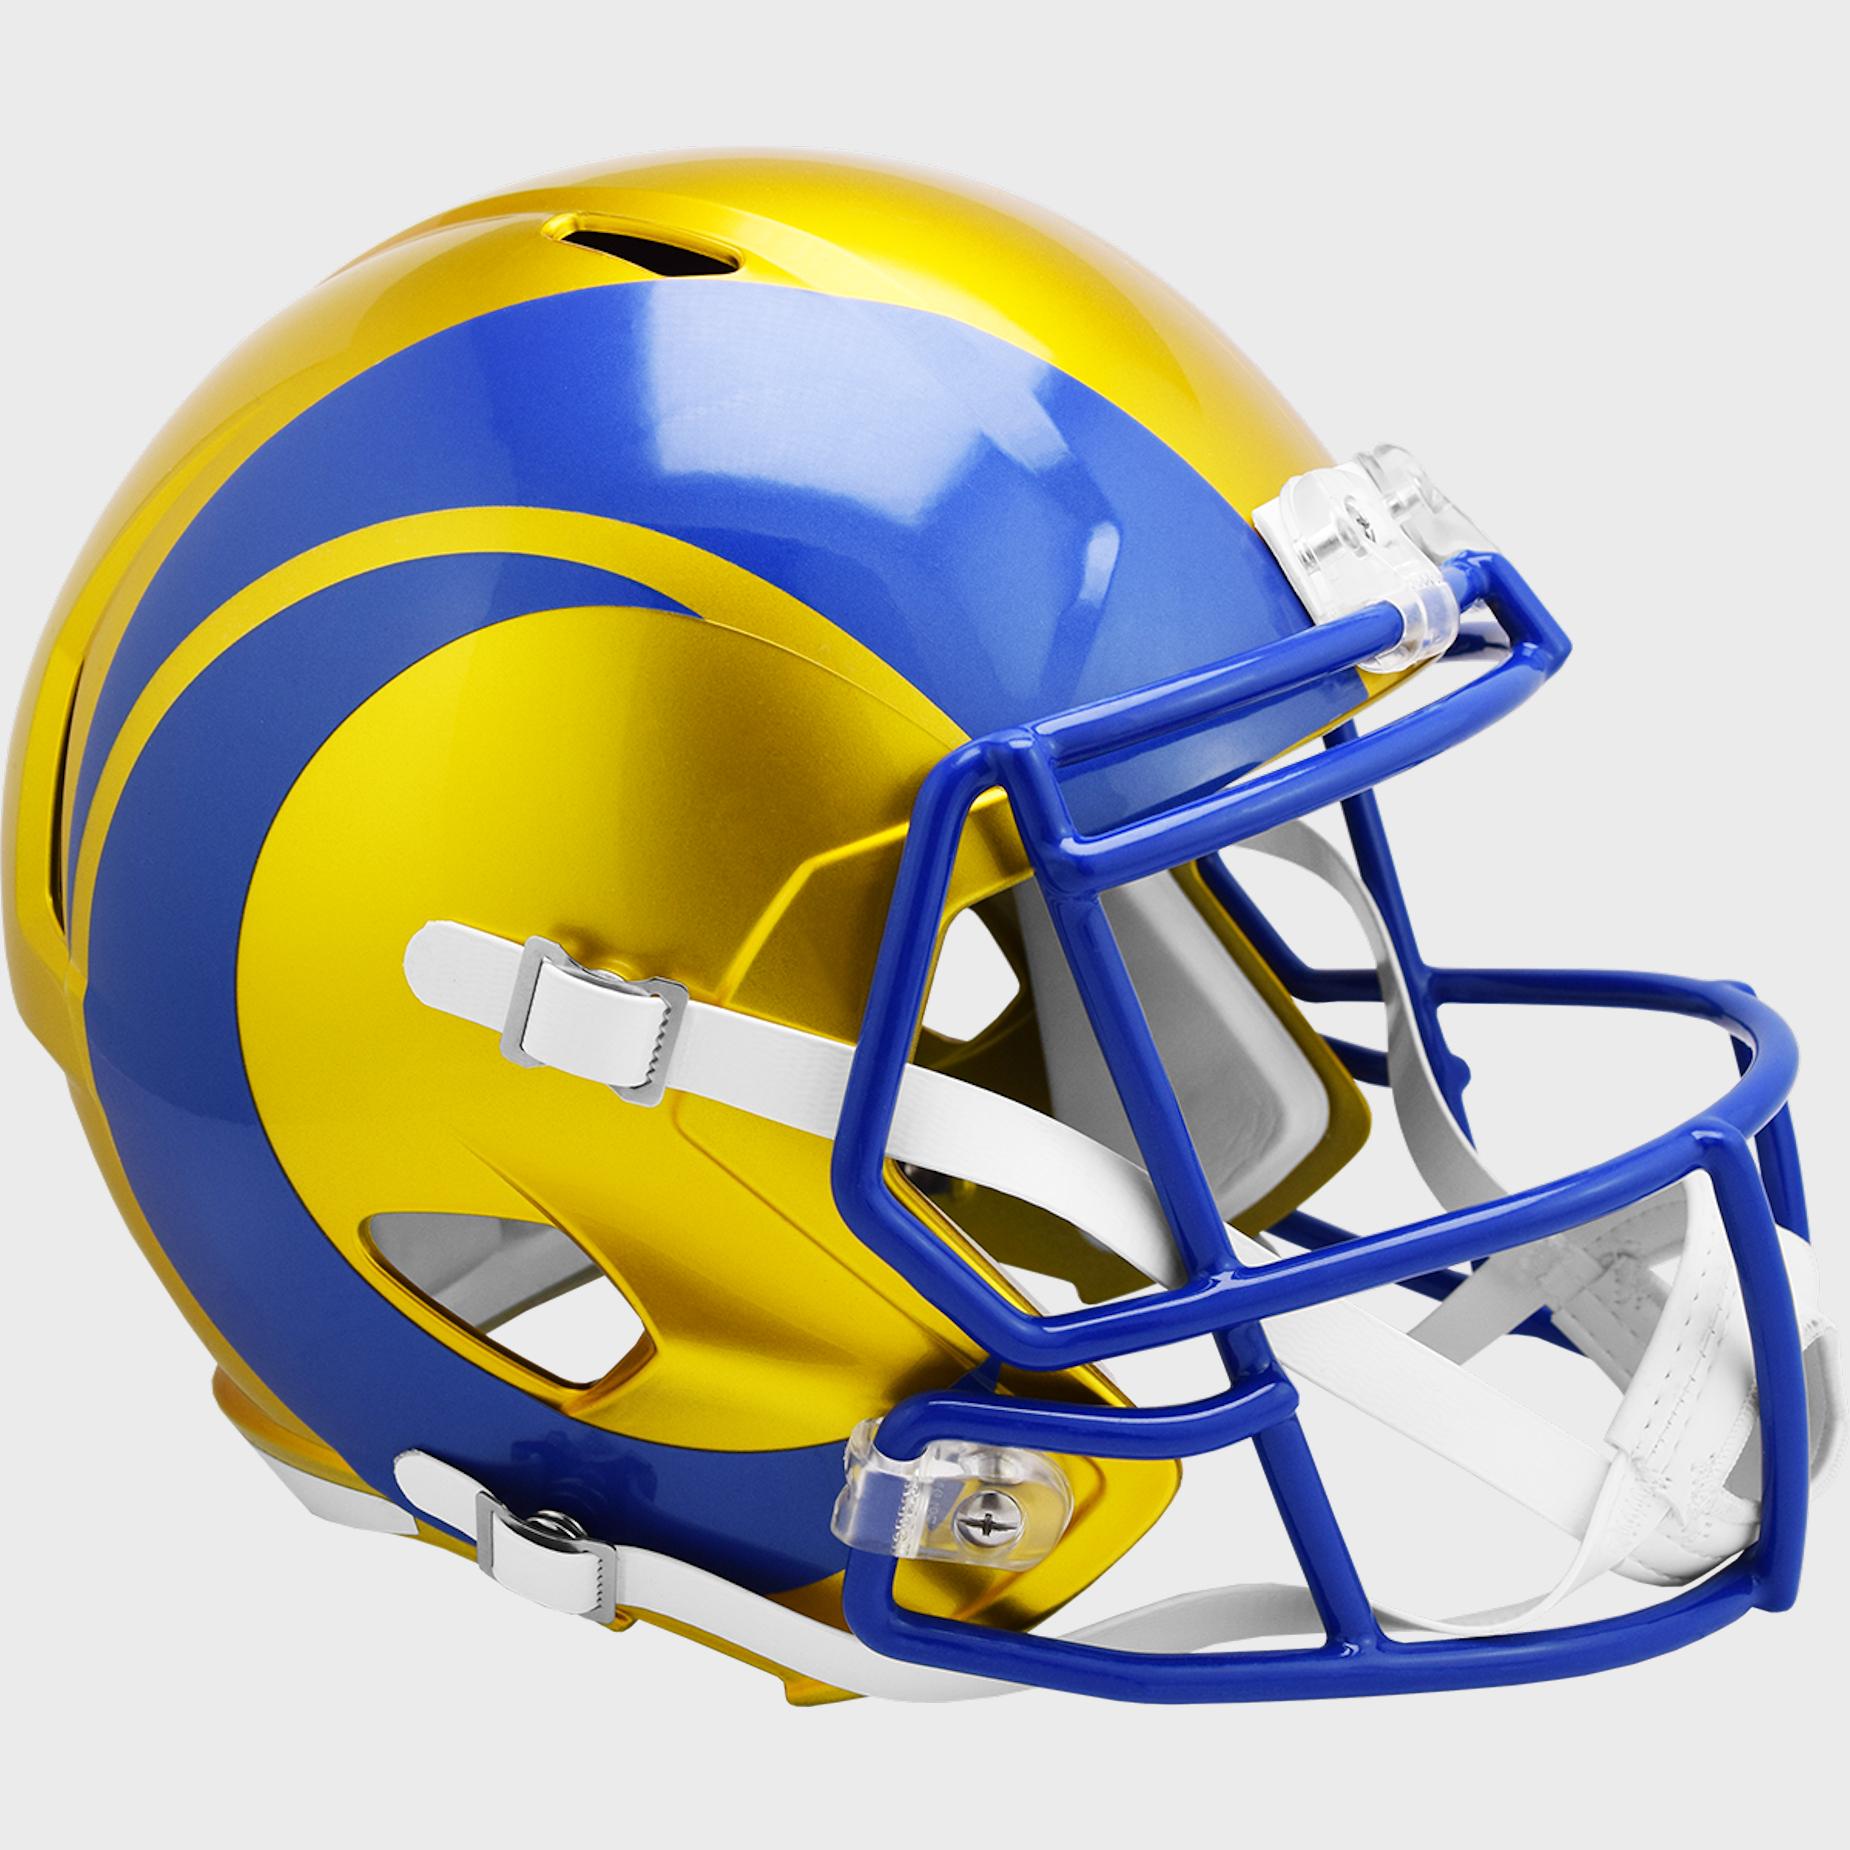 Los Angeles Rams Speed Replica Football Helmet <B>FLASH ESD 8/21/21</B>